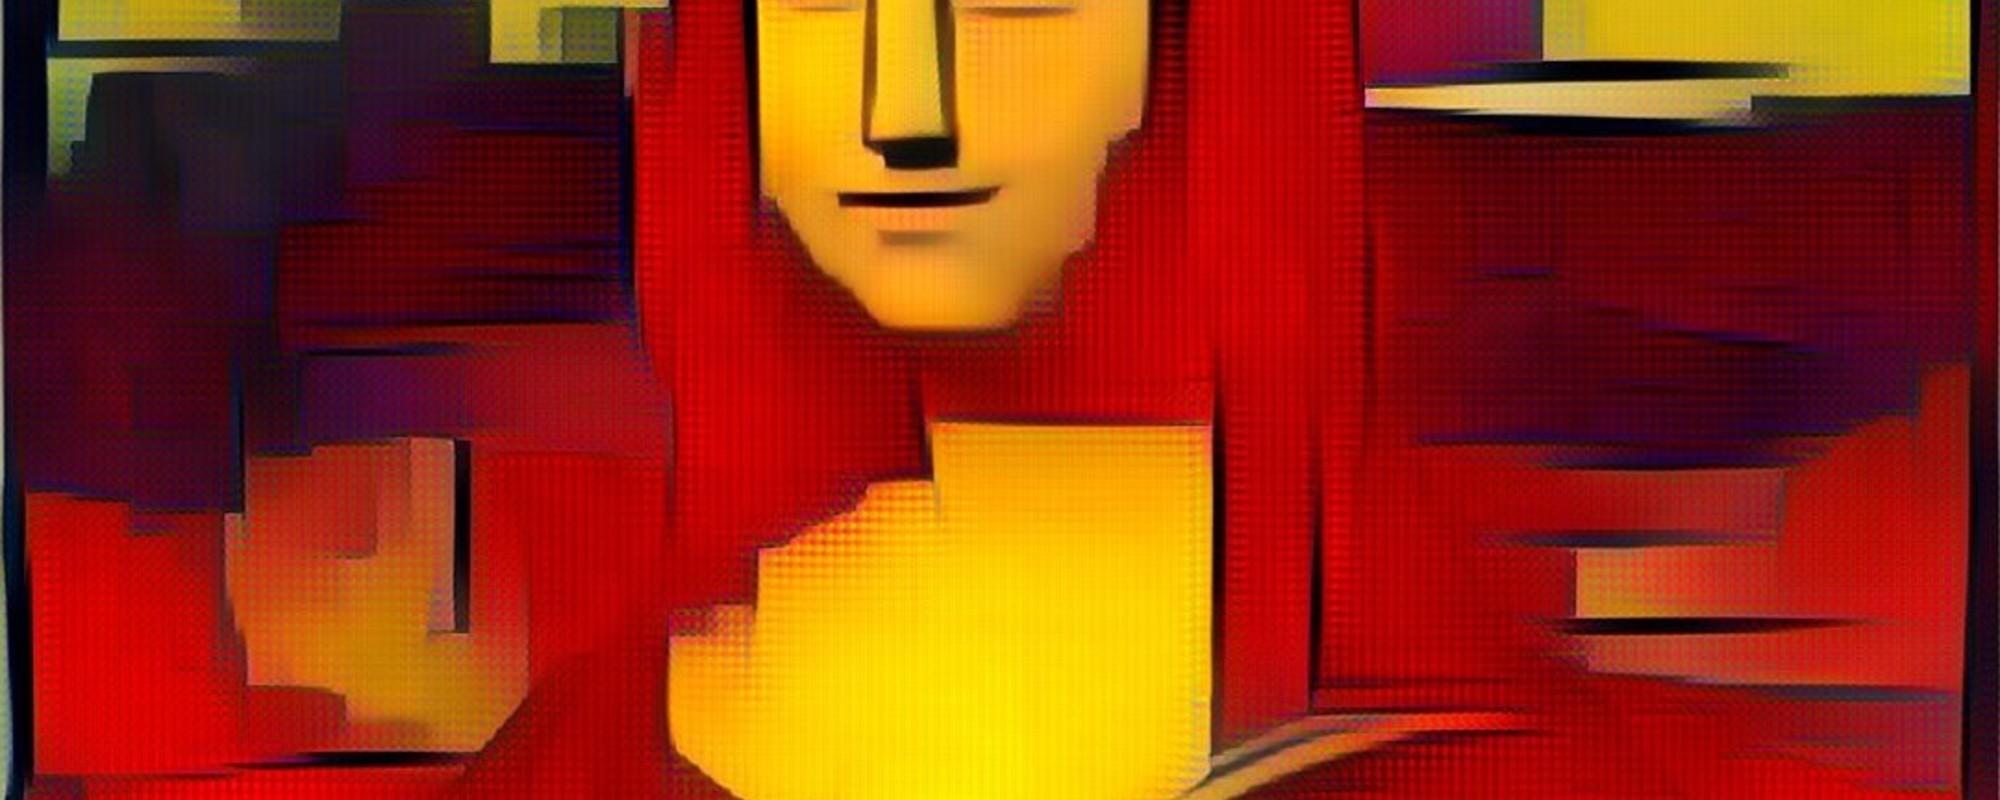 Potraktowaliśmy kilka obrazów Prismą, żeby zamienić sztukę w sztukę